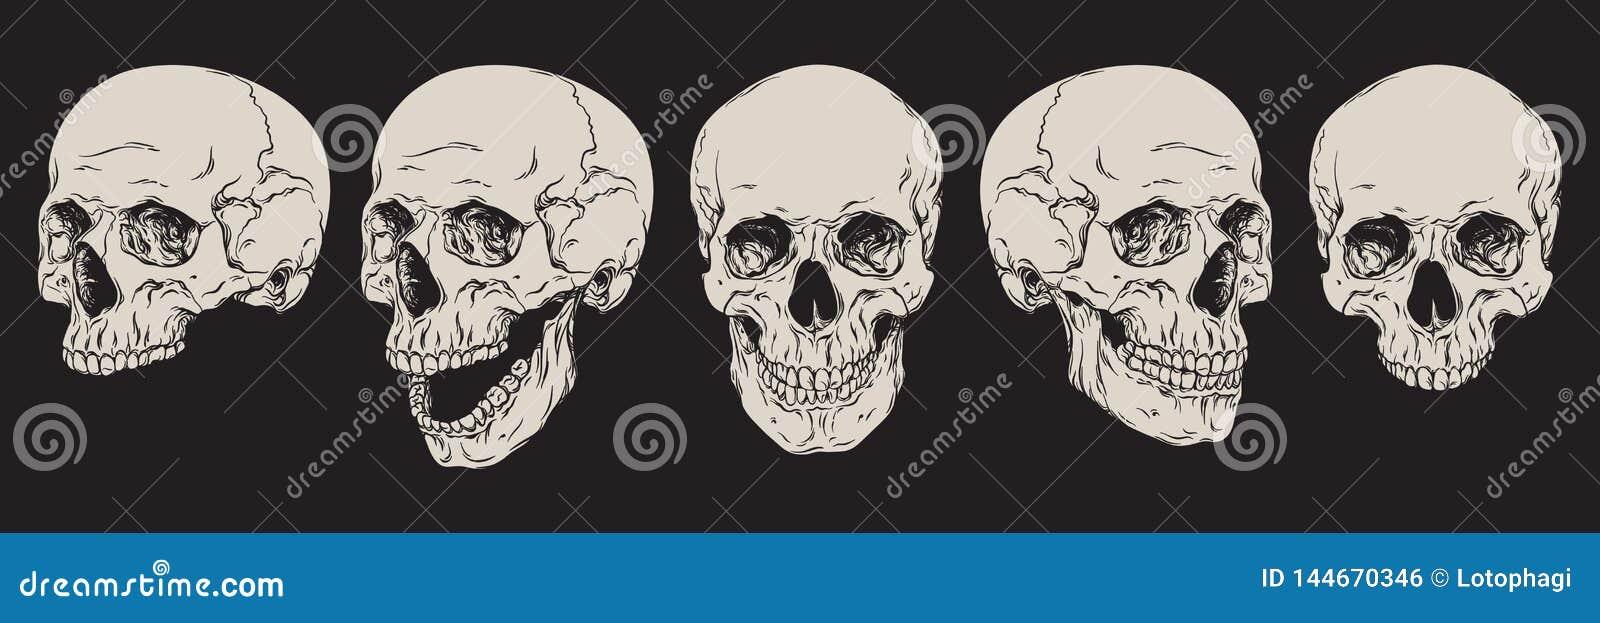 Анатомически правильные человеческие черепа установили изолированный Линия иллюстрация руки вычерченная вектора искусства